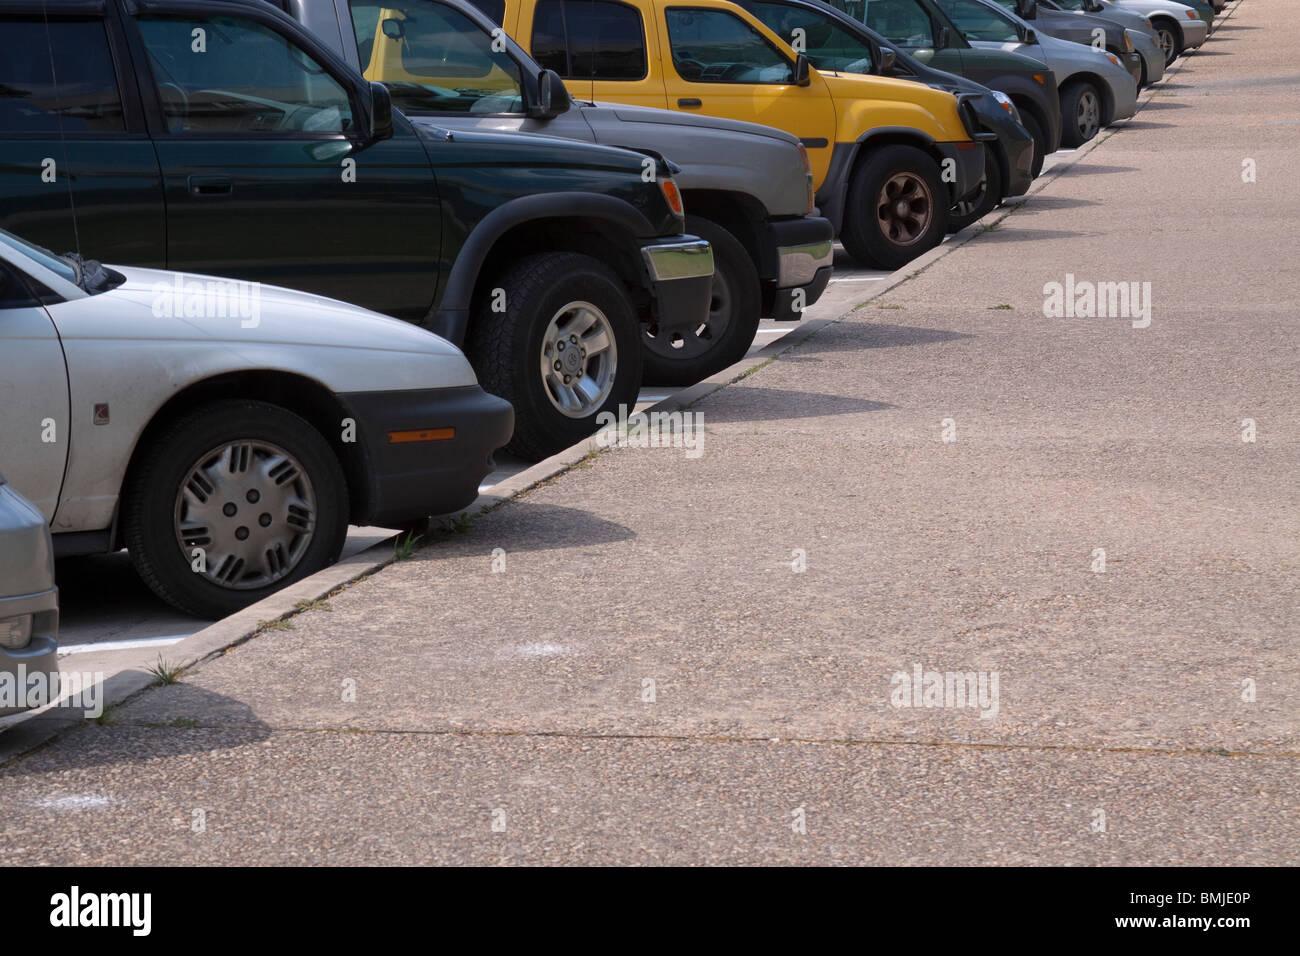 Rangée de voitures et de vus en diagonale garé le long d'une bordure avec un SUV jaune vif au milieu. Photo Stock